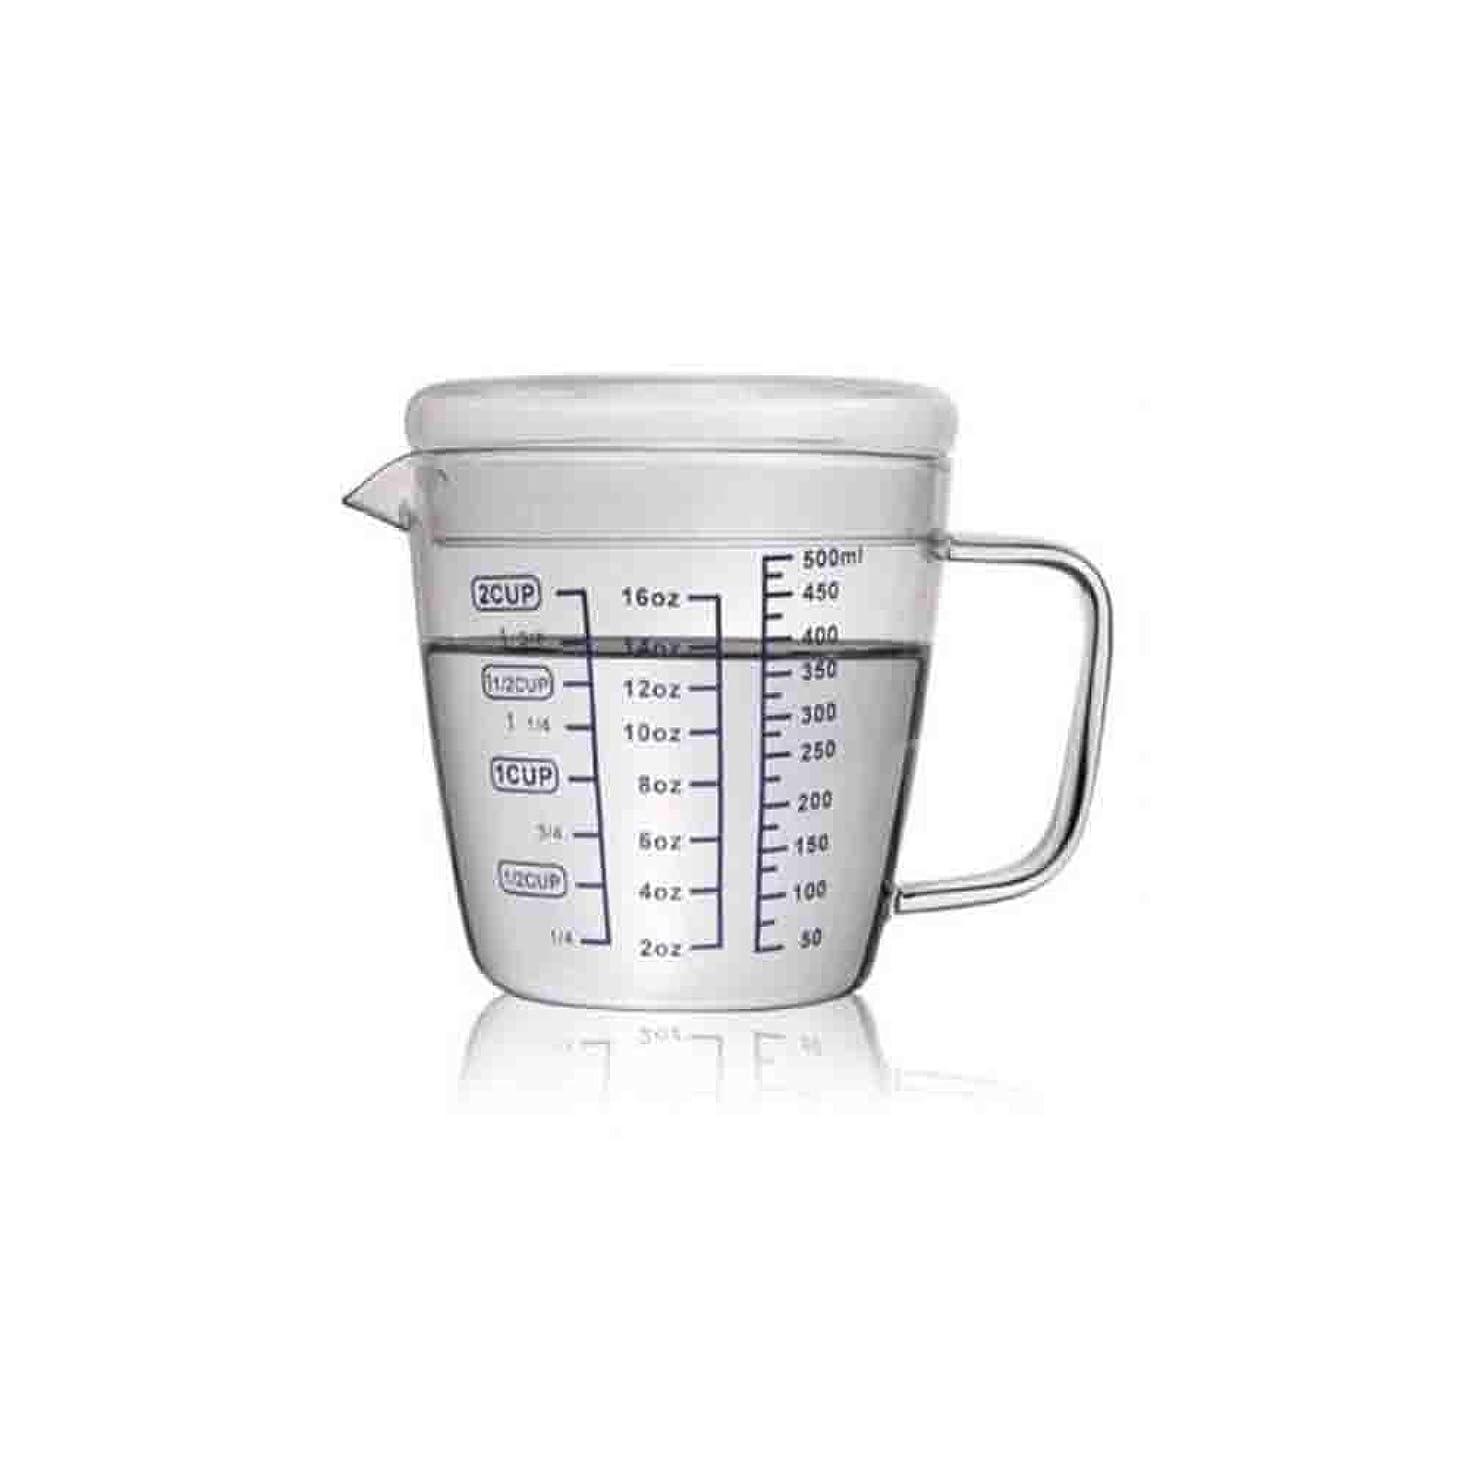 逆さまに減少バスHENGTONGTONGXUN 計量カップ、耐熱子供用ミルクカップ、電子レンジ付き計量カップ、透明スケールカップ、増粘500ml計量カップ(蓋付き) シンプルで実用的な製品